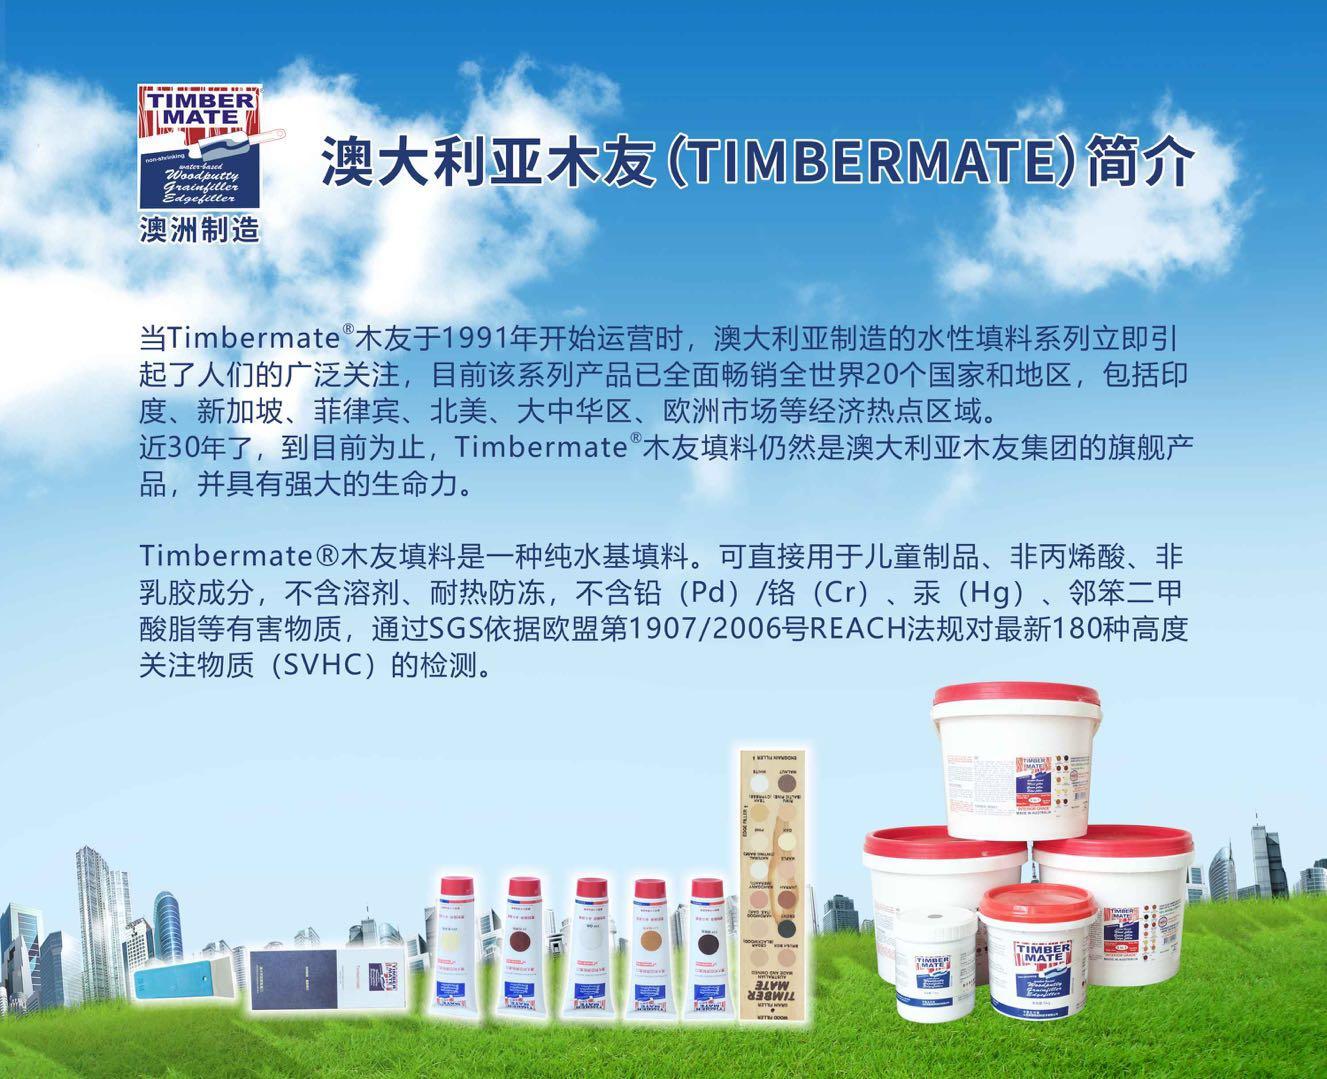 澳大利亚木友腻子将登录2019年中国广州国际家具生产设备及配料展览会